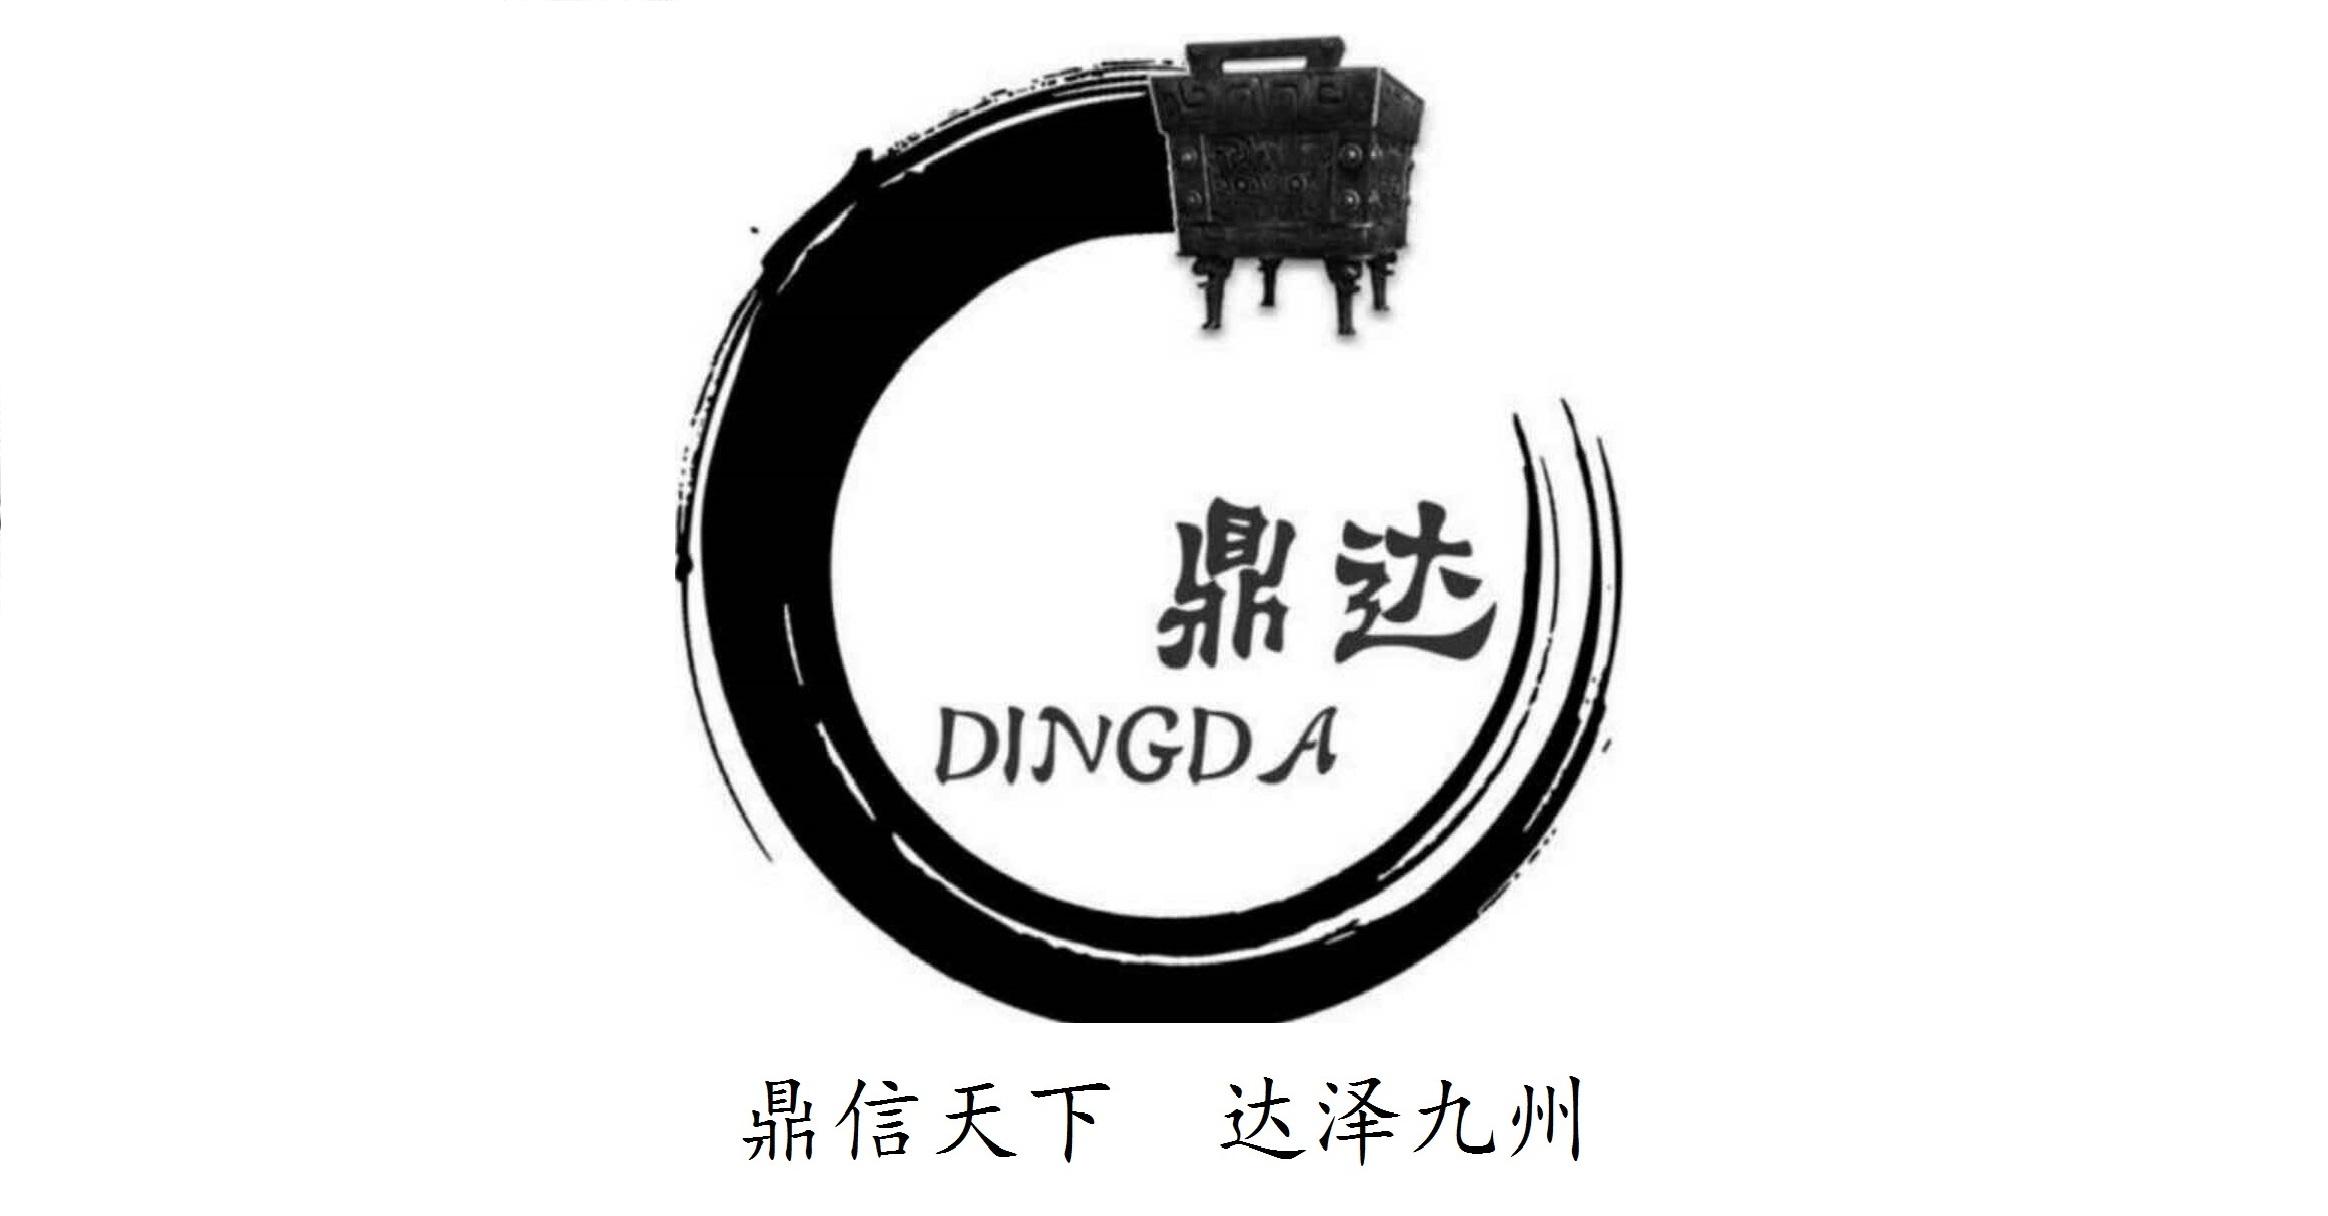 山东滨州鼎达化纤绳网有限公司